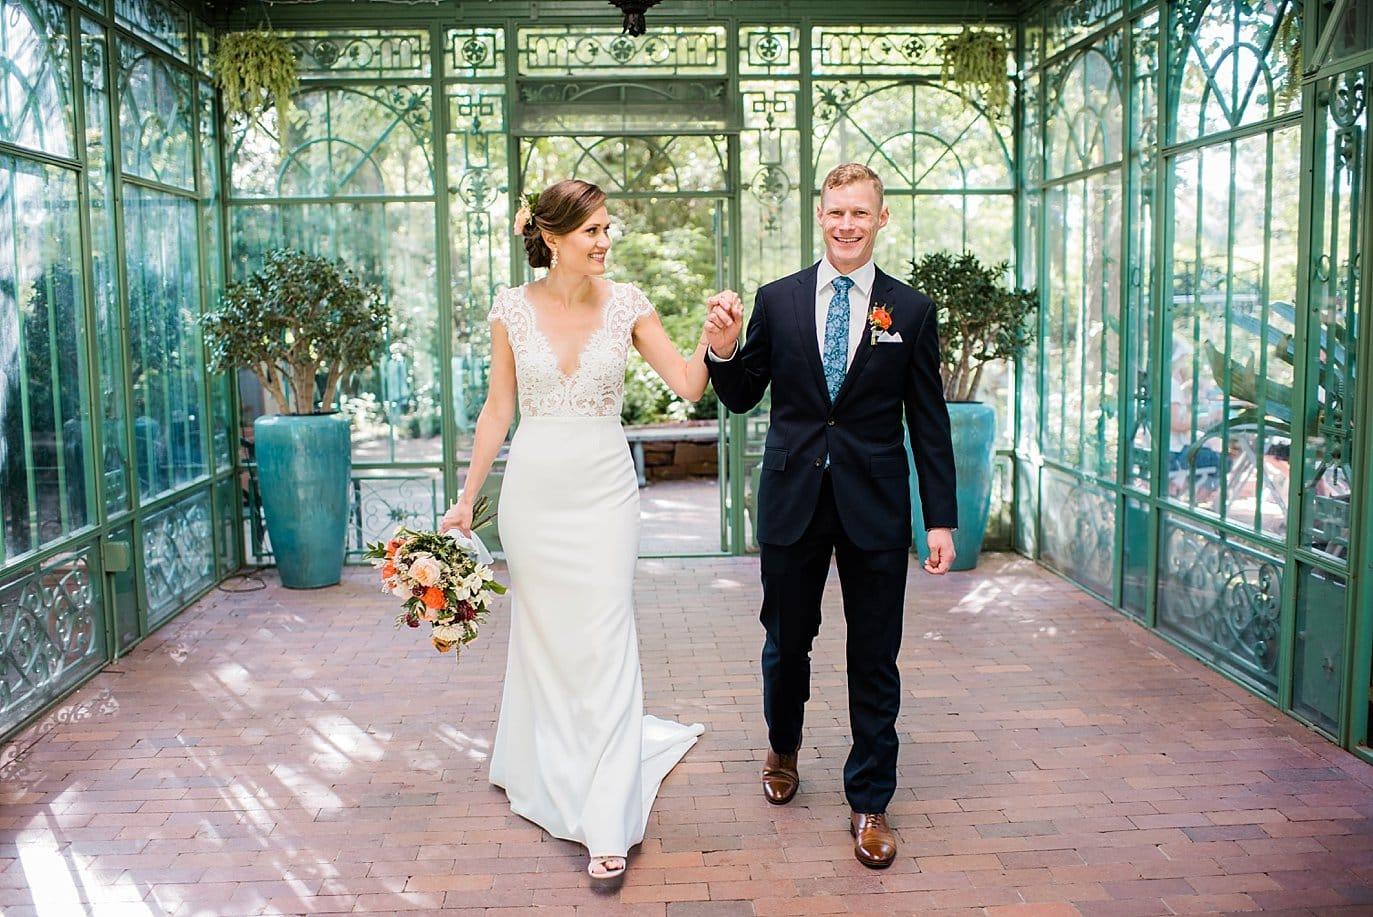 Bride and groom walk in woodland mosaic gardens solarium at Denver Botanic Gardens Wedding by Denver Wedding Photographer Jennie Crate